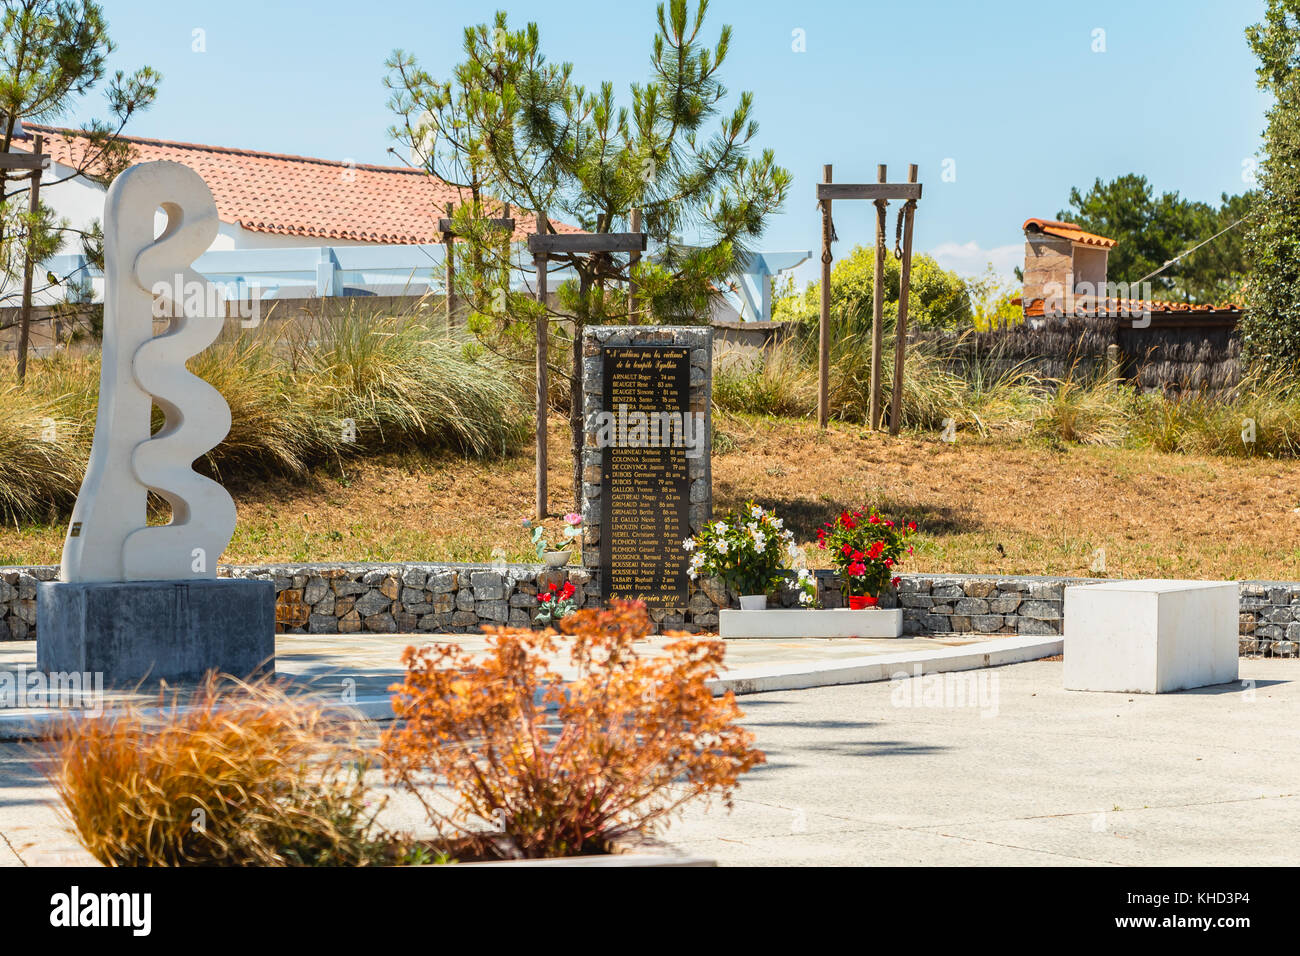 LA FAUTE SUR MER; FRANCE - Juillet 06, 2016: monument à la mémoire des 29 victimes qui ont Photo Stock